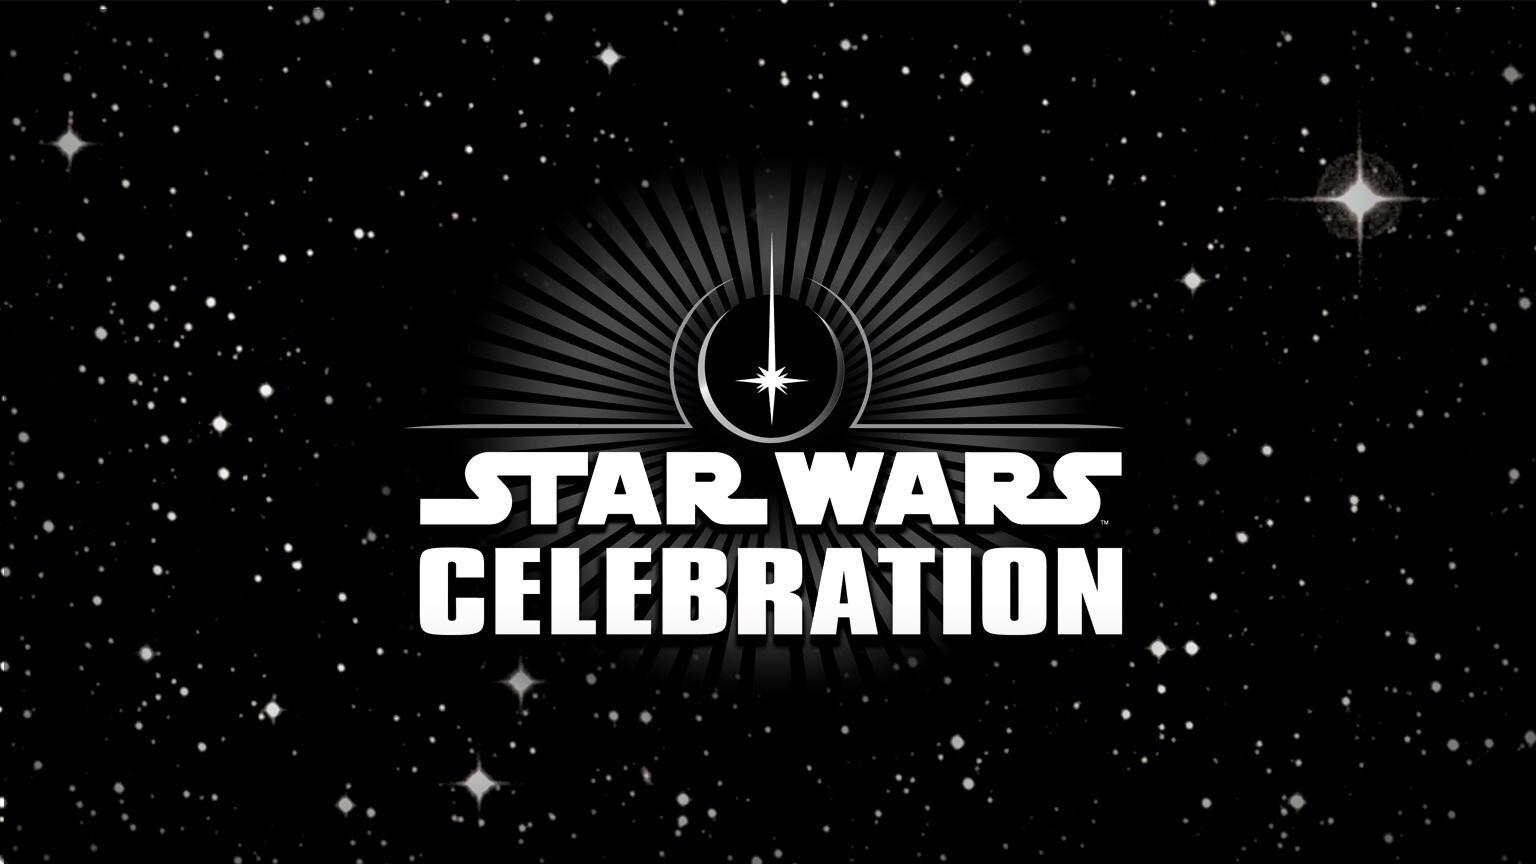 Star Wars Celebration | Official Website